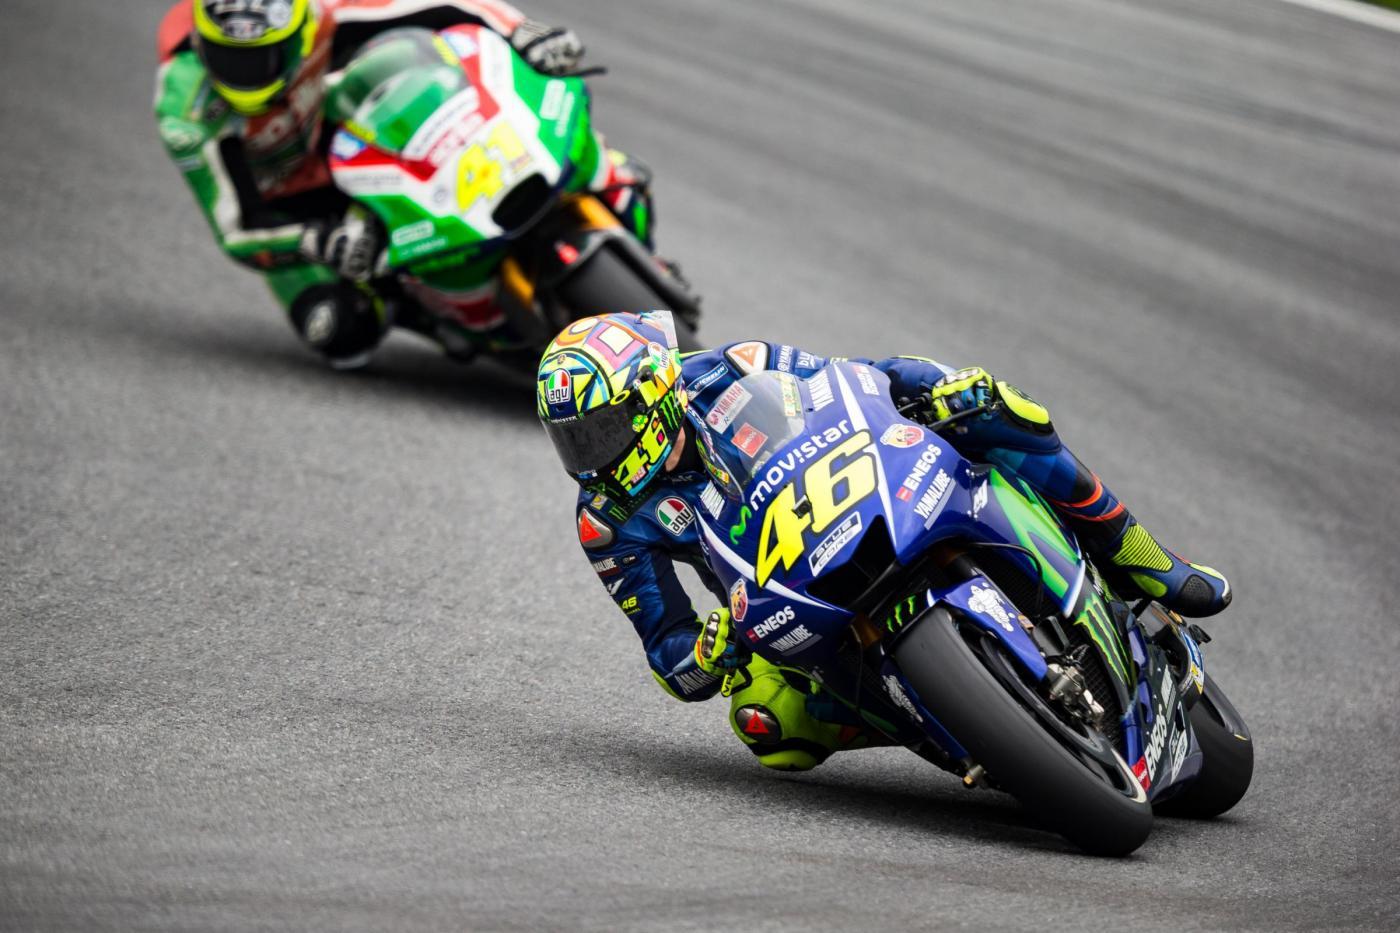 Moto Gp, Rossi: